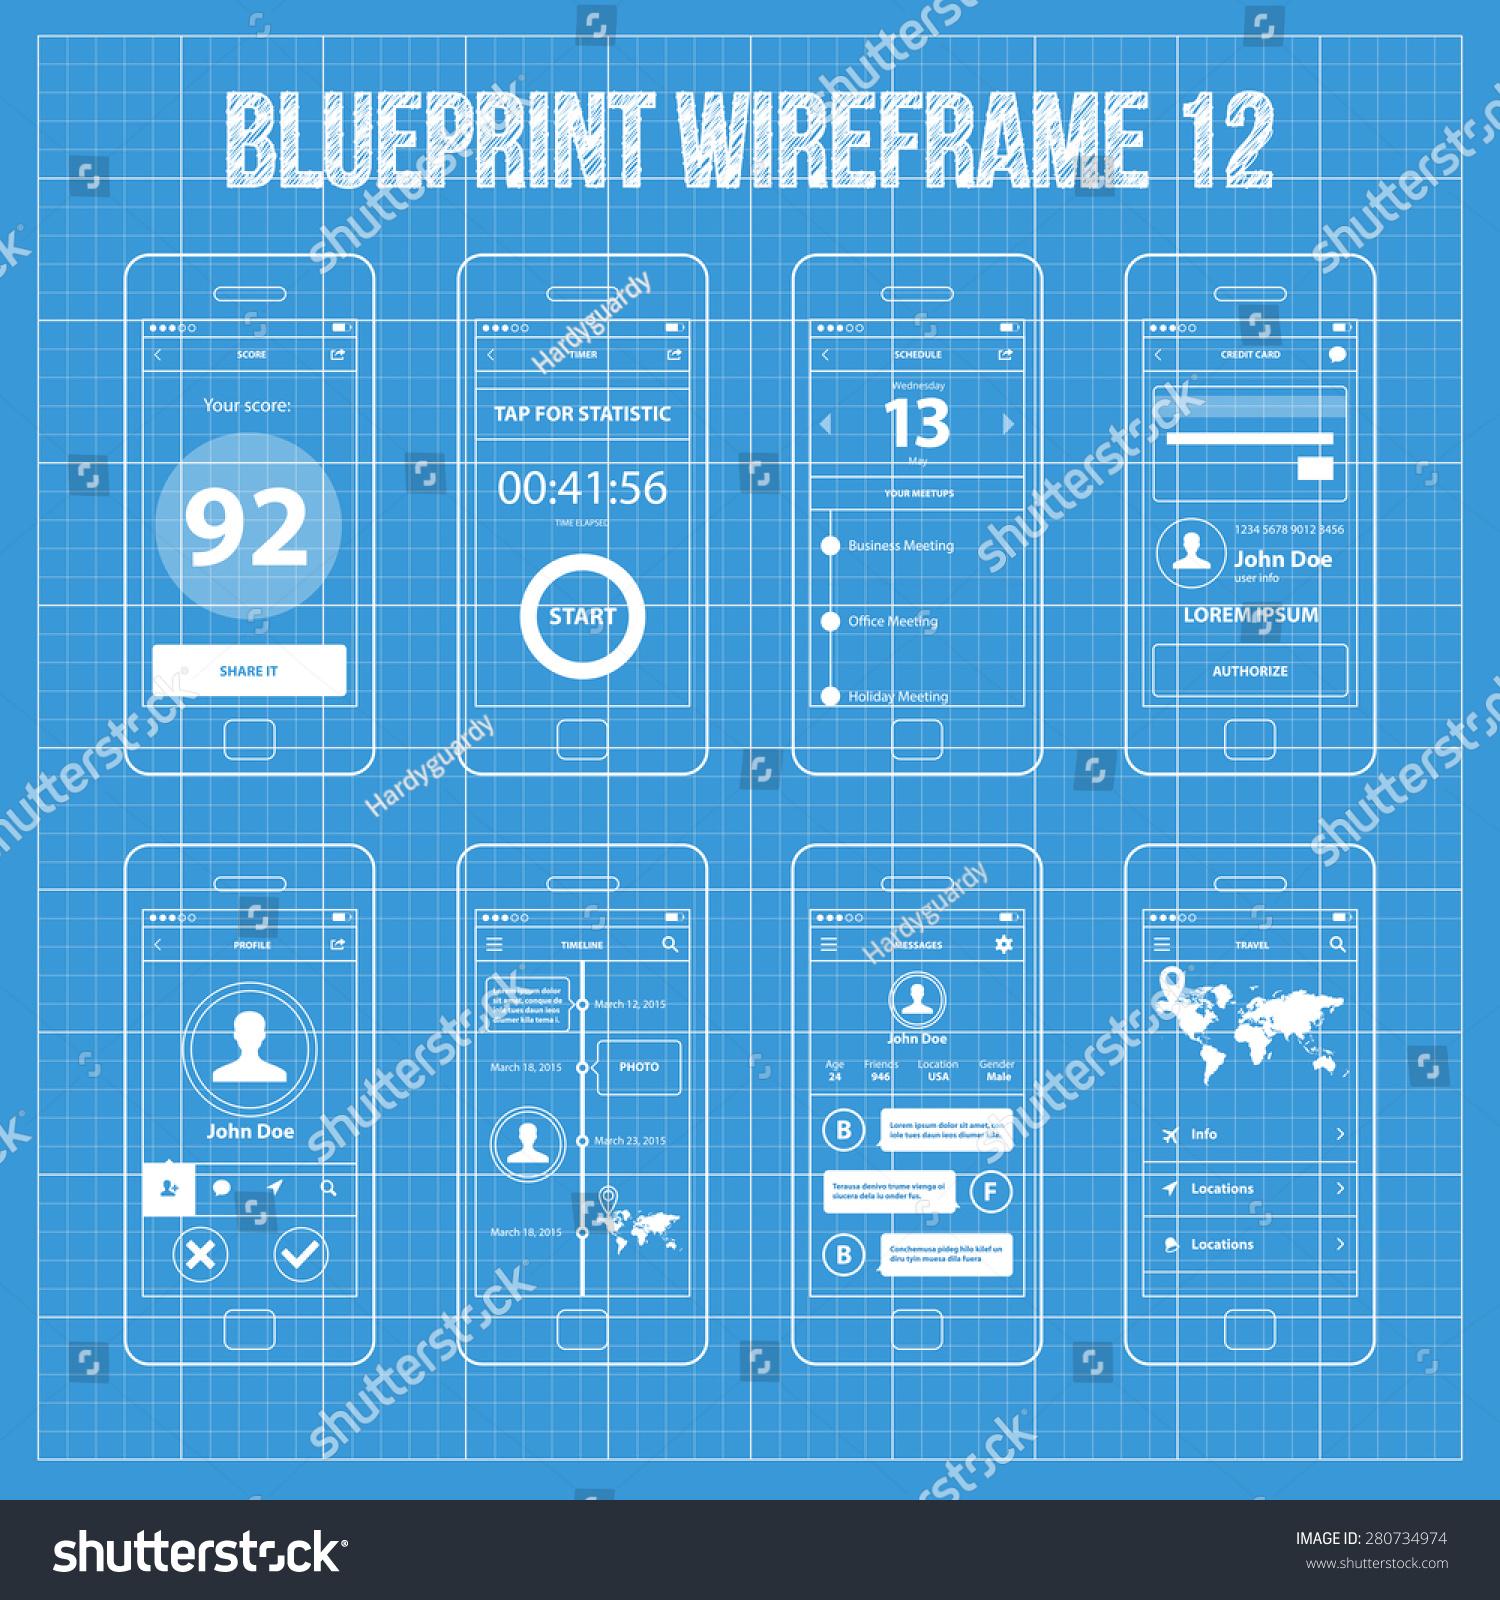 Mobile app wireframe blueprint ui kit stock vector for App for blueprints